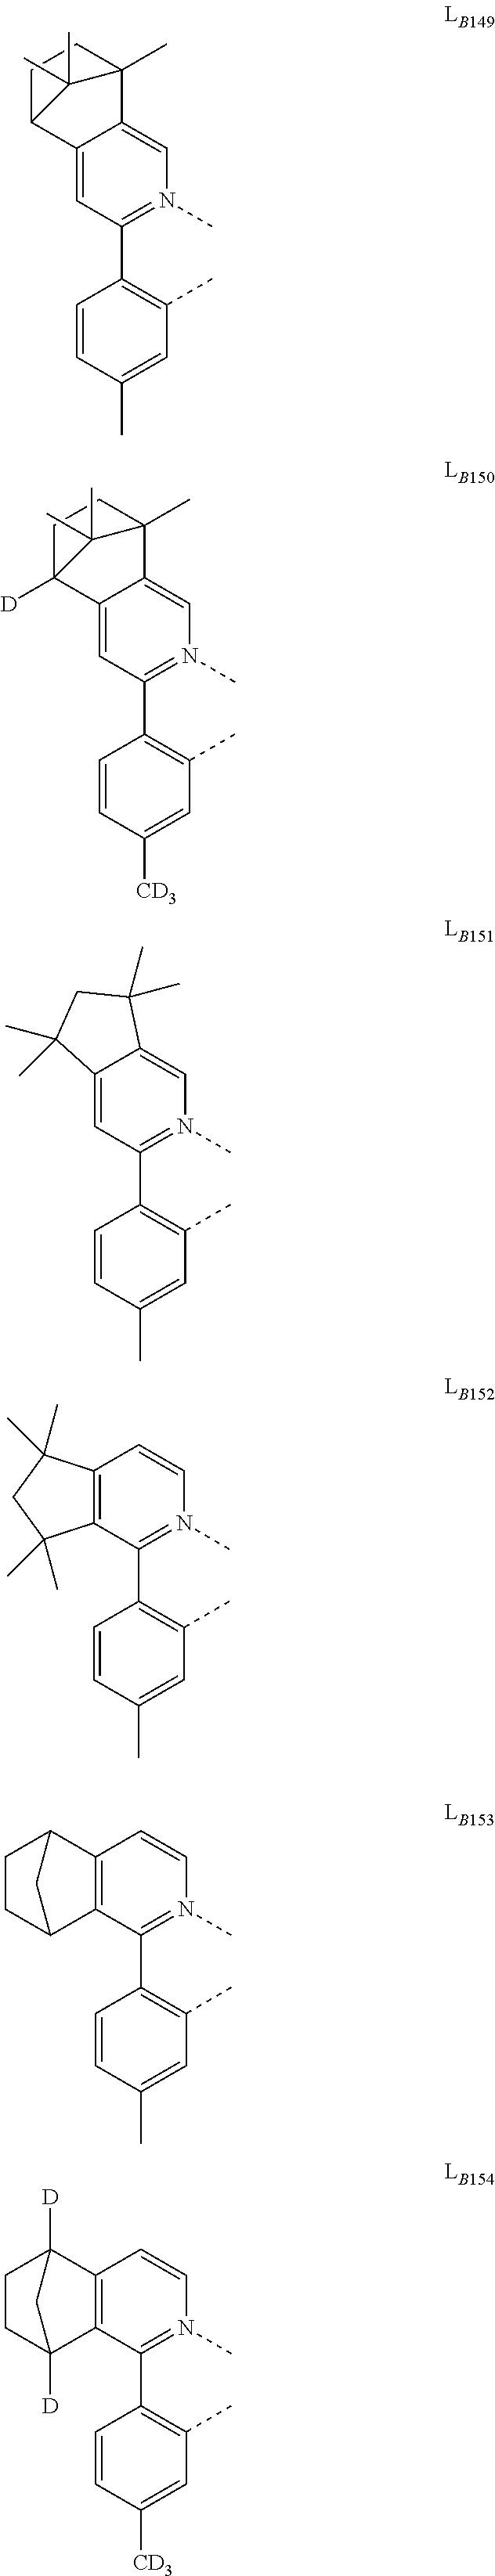 Figure US20180130962A1-20180510-C00289